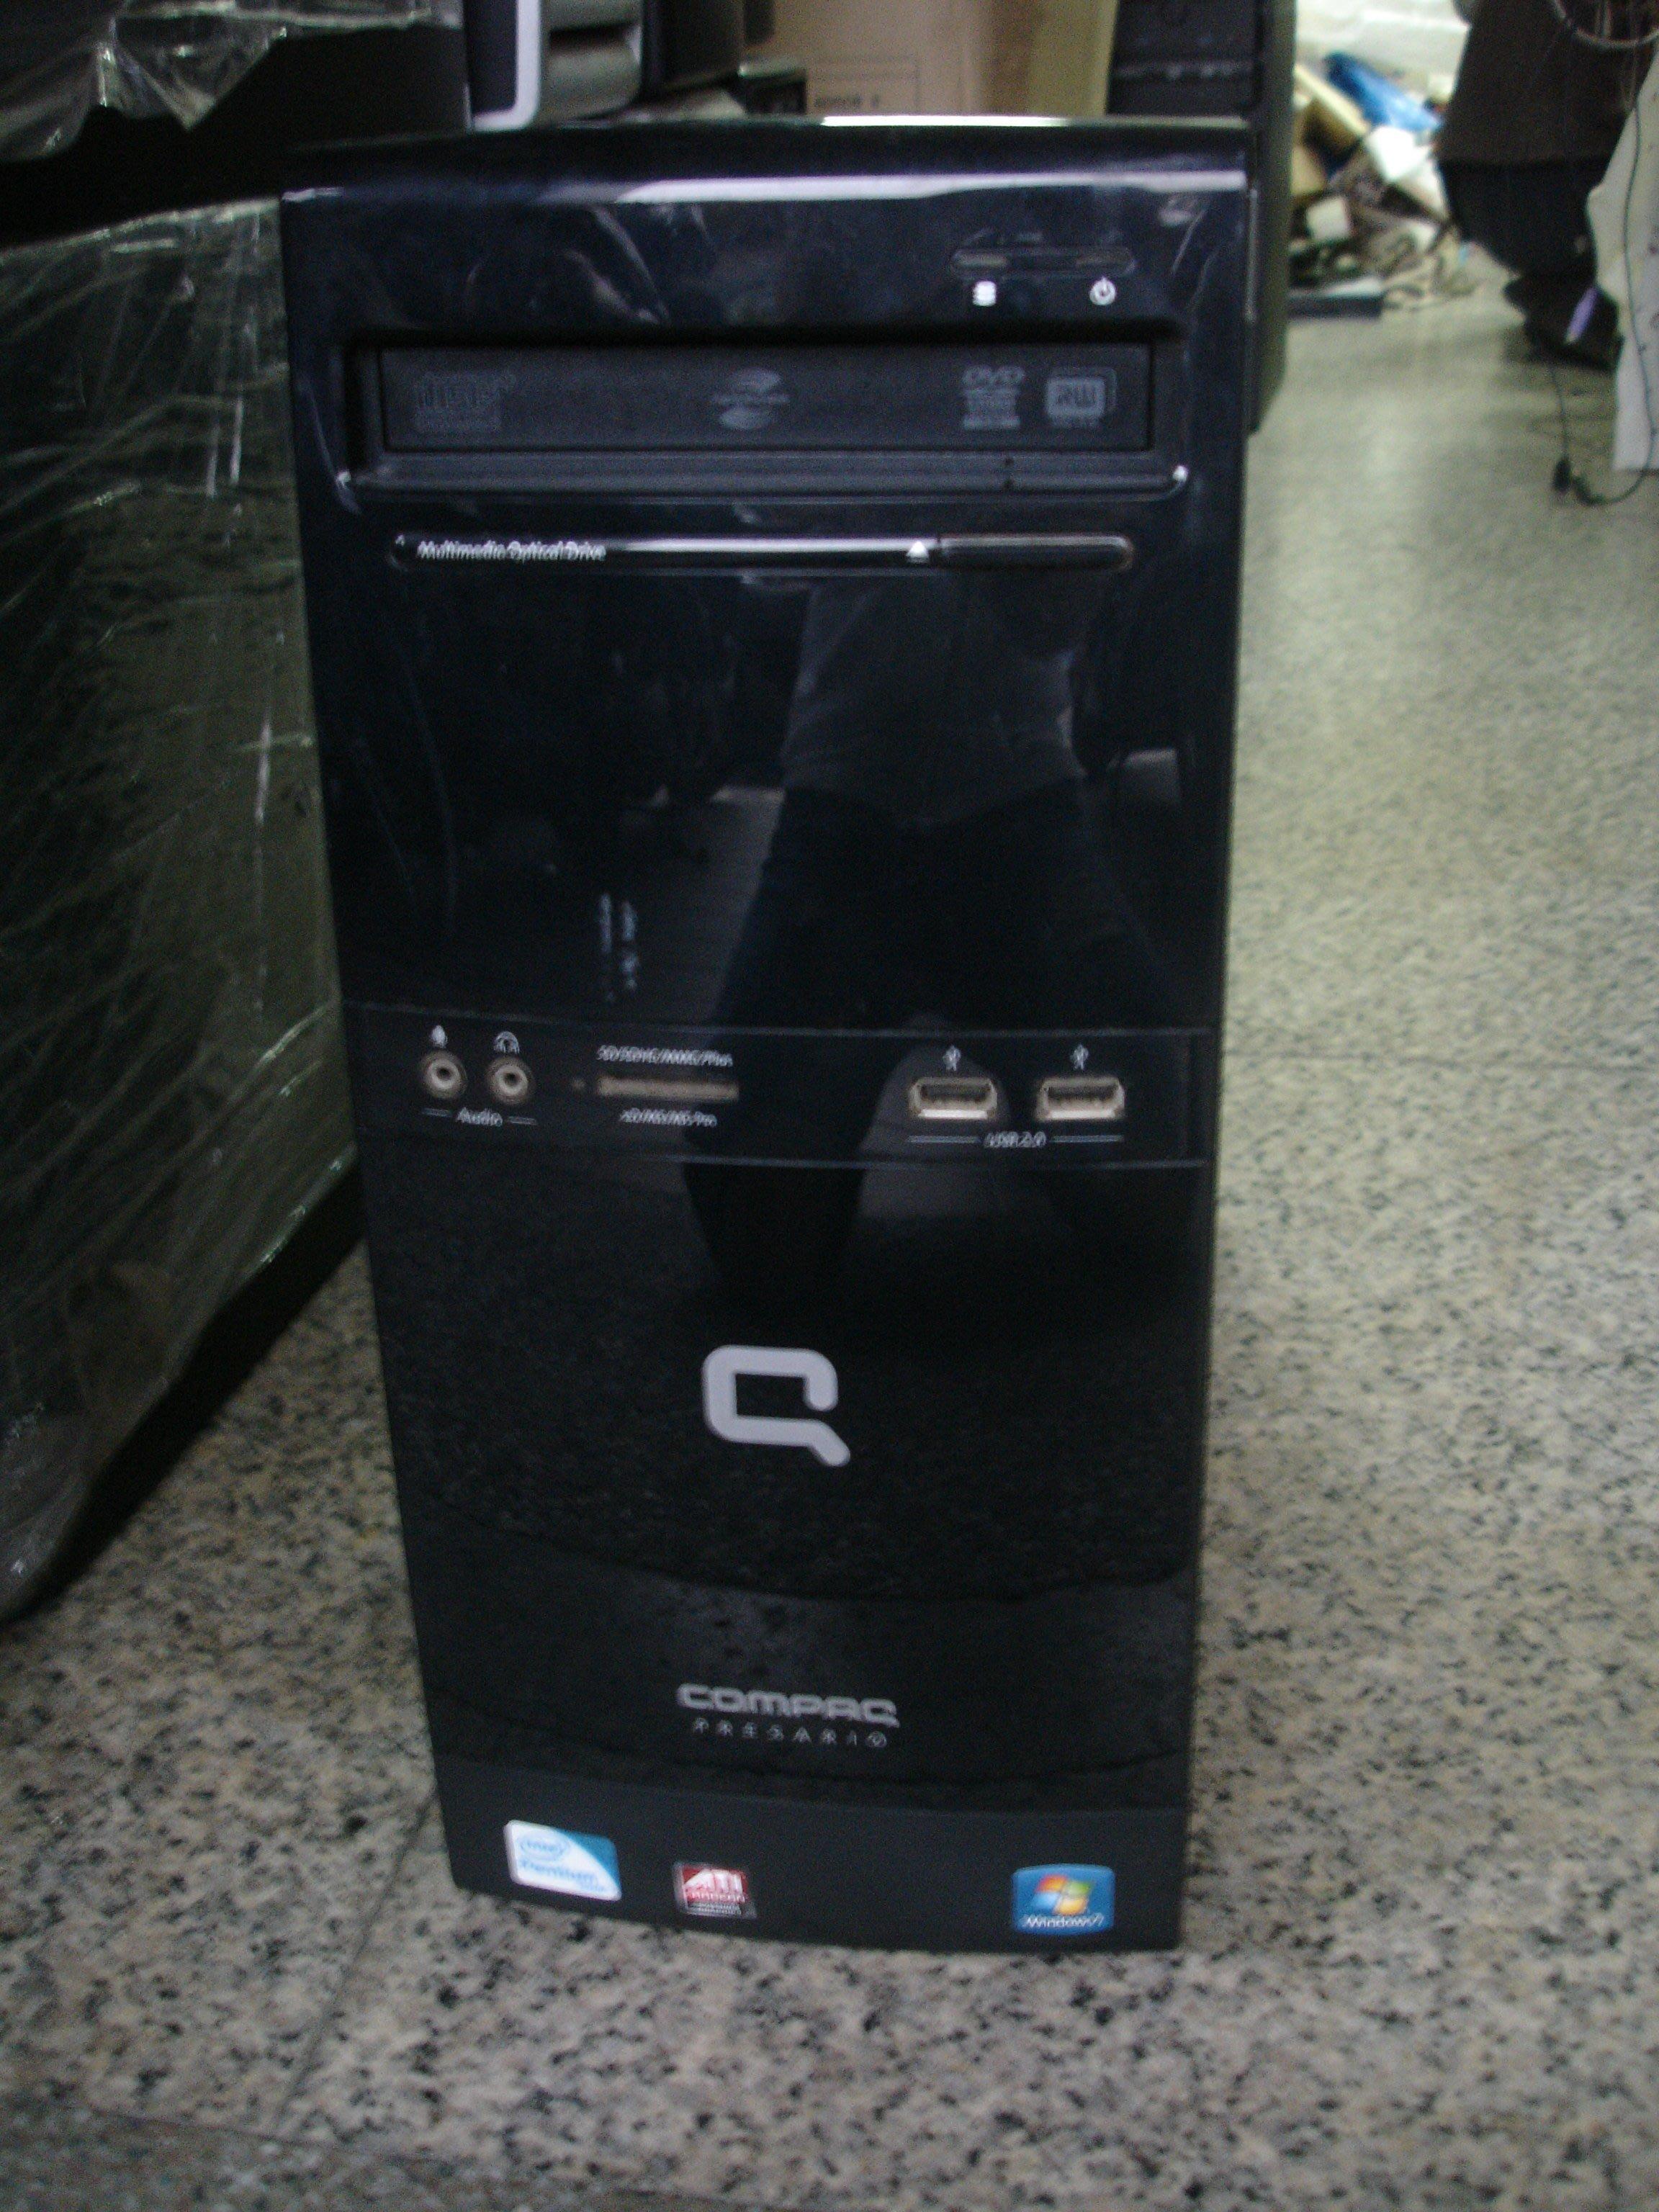 【電腦零件補給站】HP Compaq Presario CQ3000 桌上型電腦